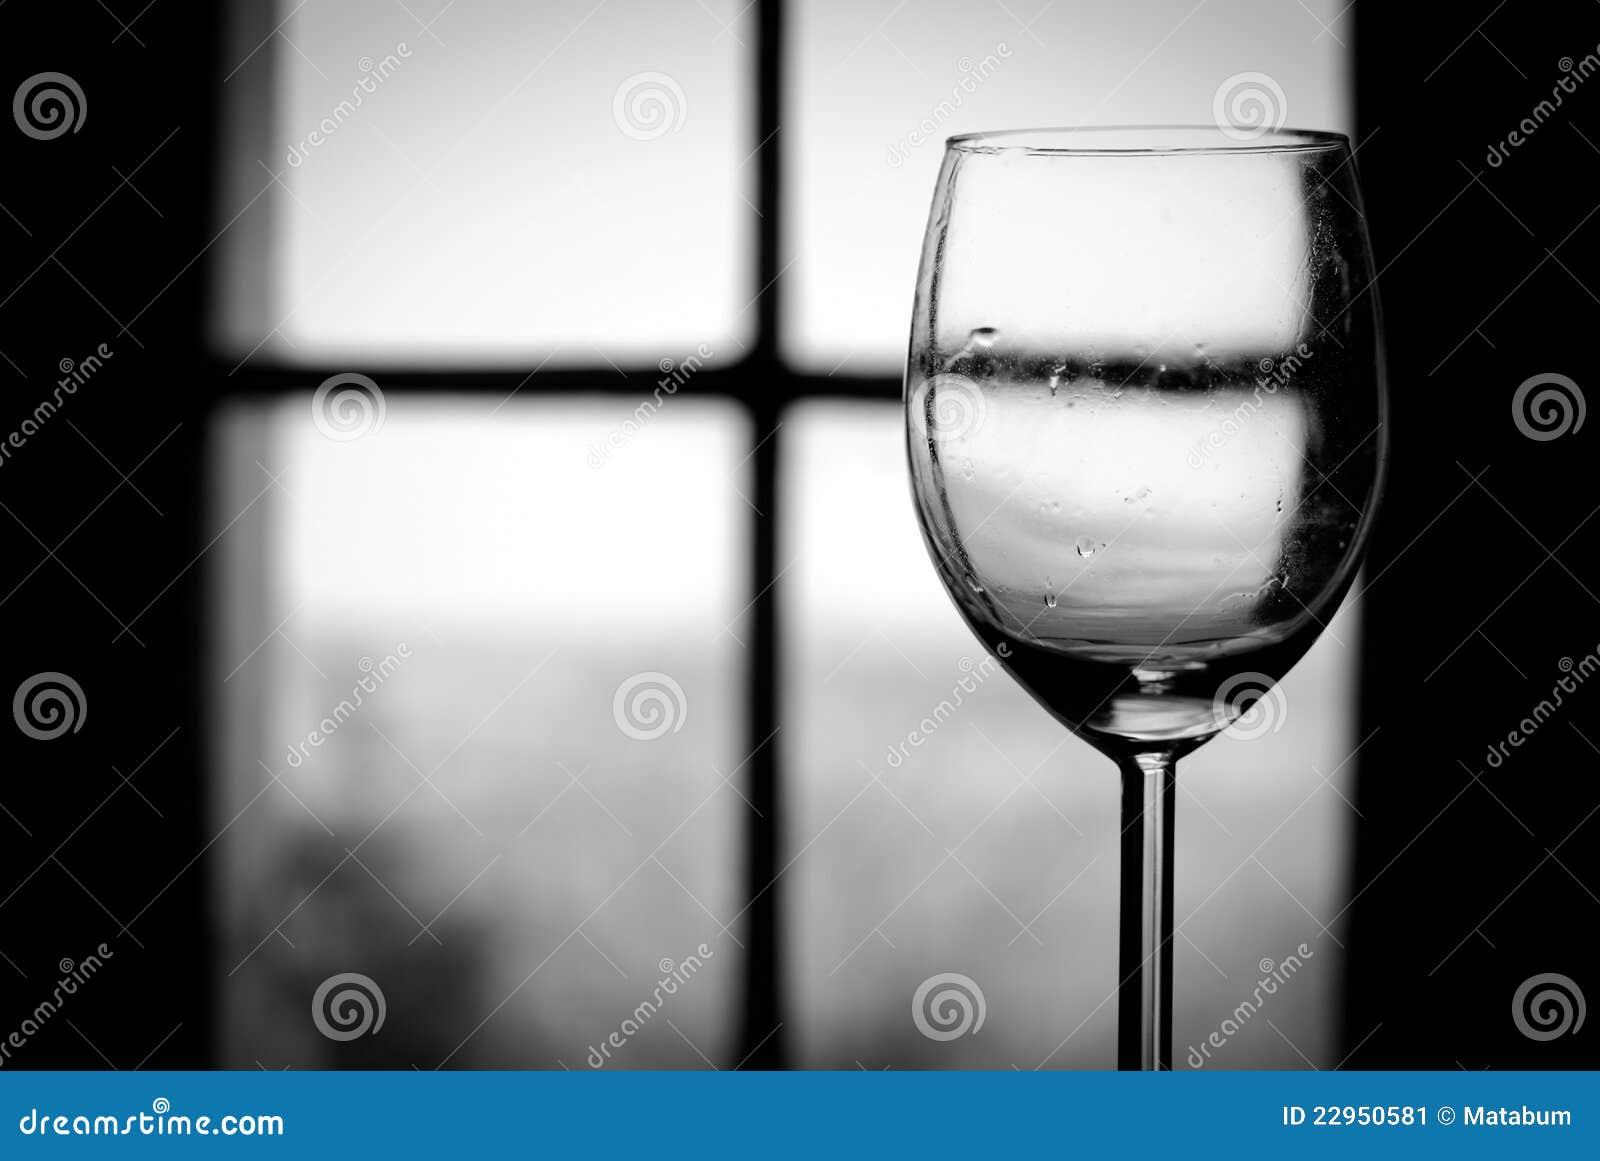 Vin mousseux gancia